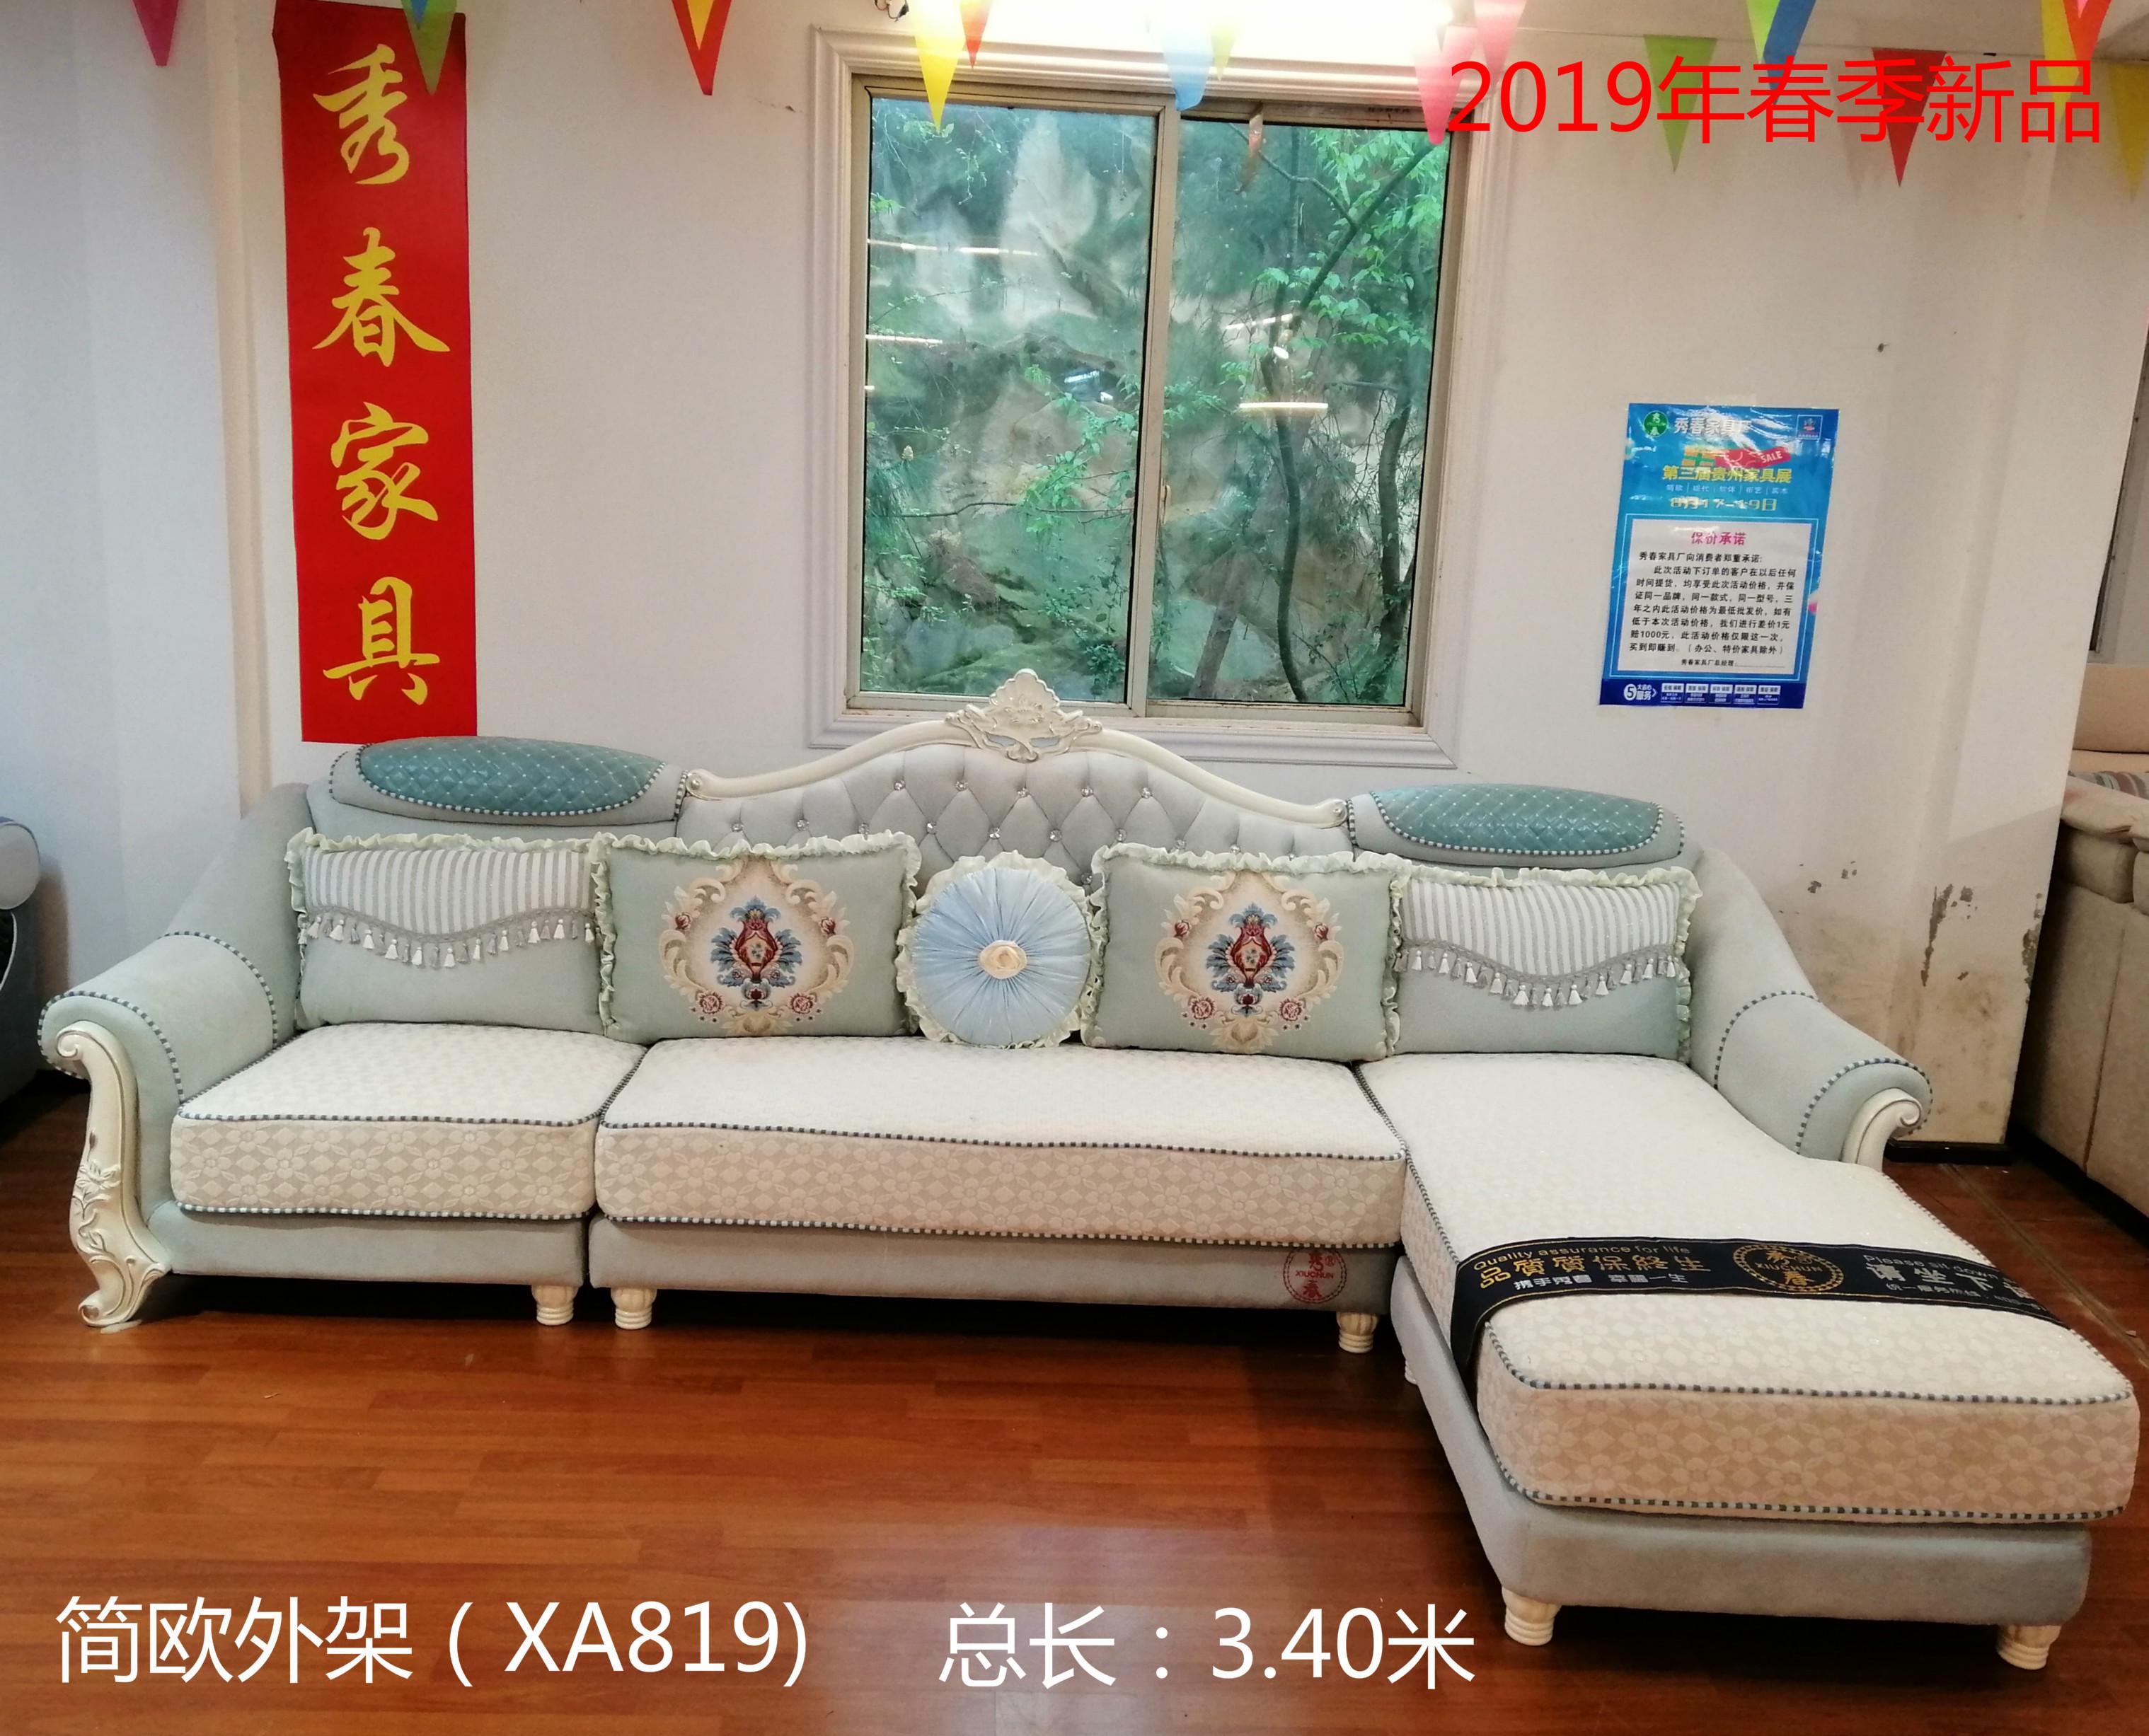 2019贵阳新品沙发